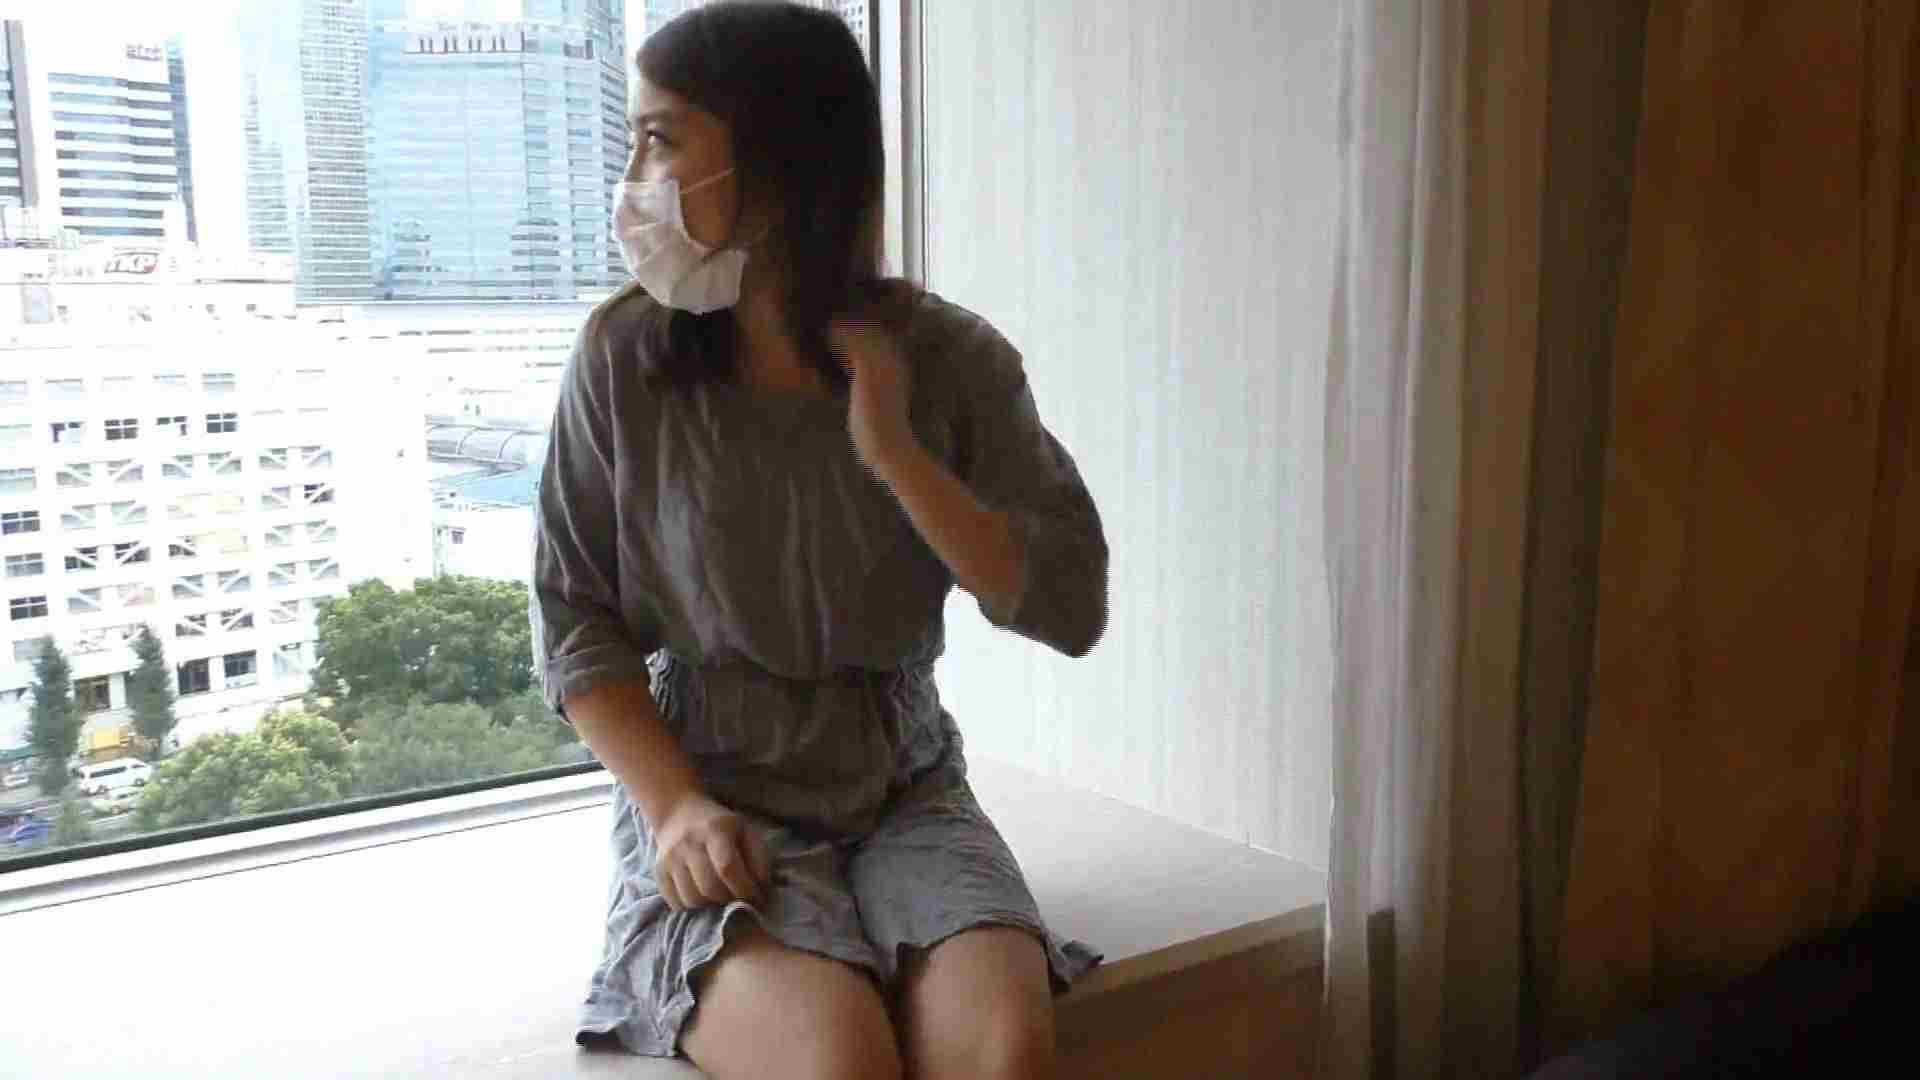 S級厳選美女ビッチガールVol.21 美女OL | モデル  101連発 4